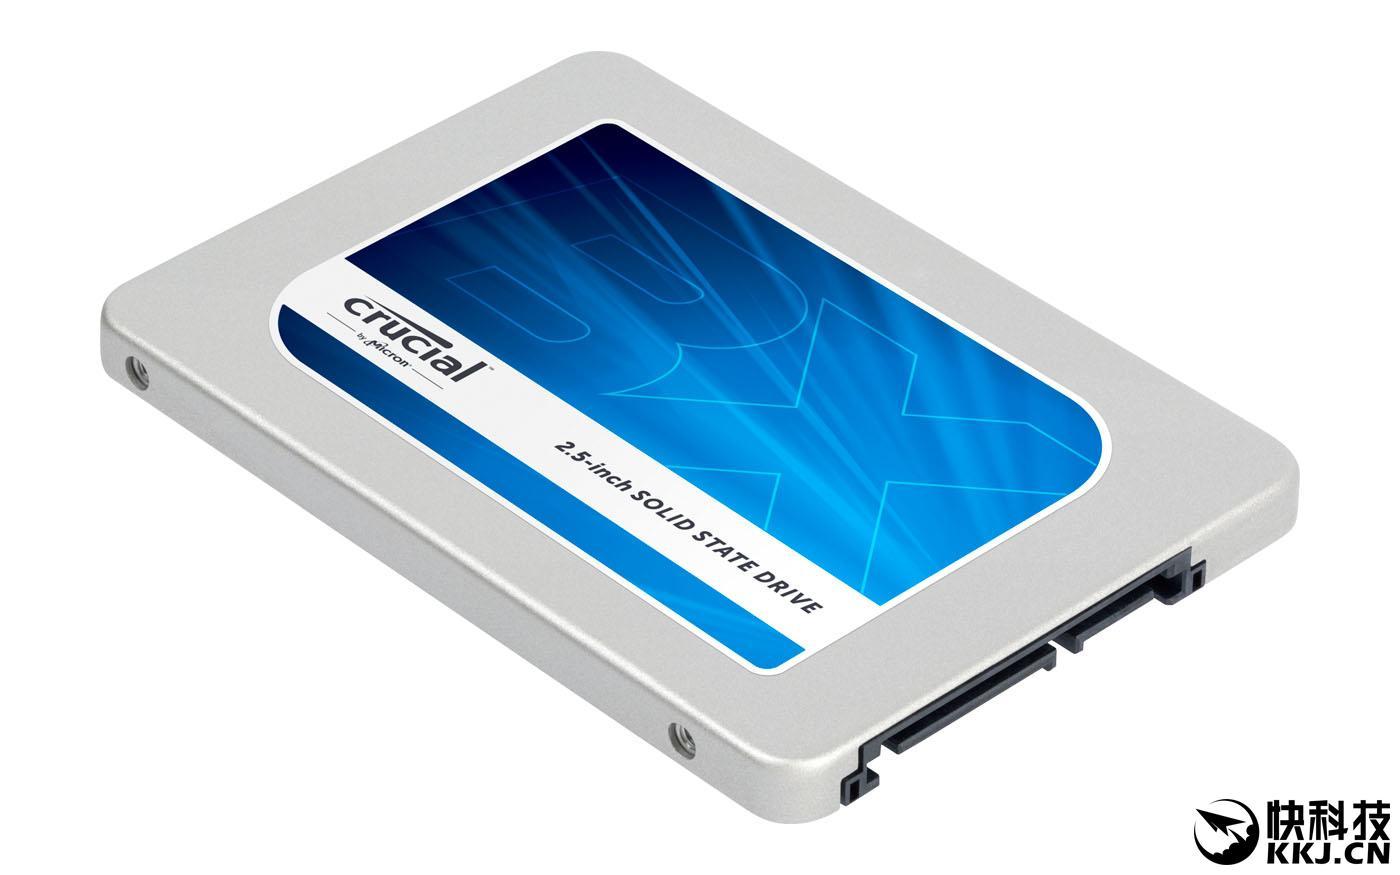 镁光bx200评测 史上最差劲的固态硬盘